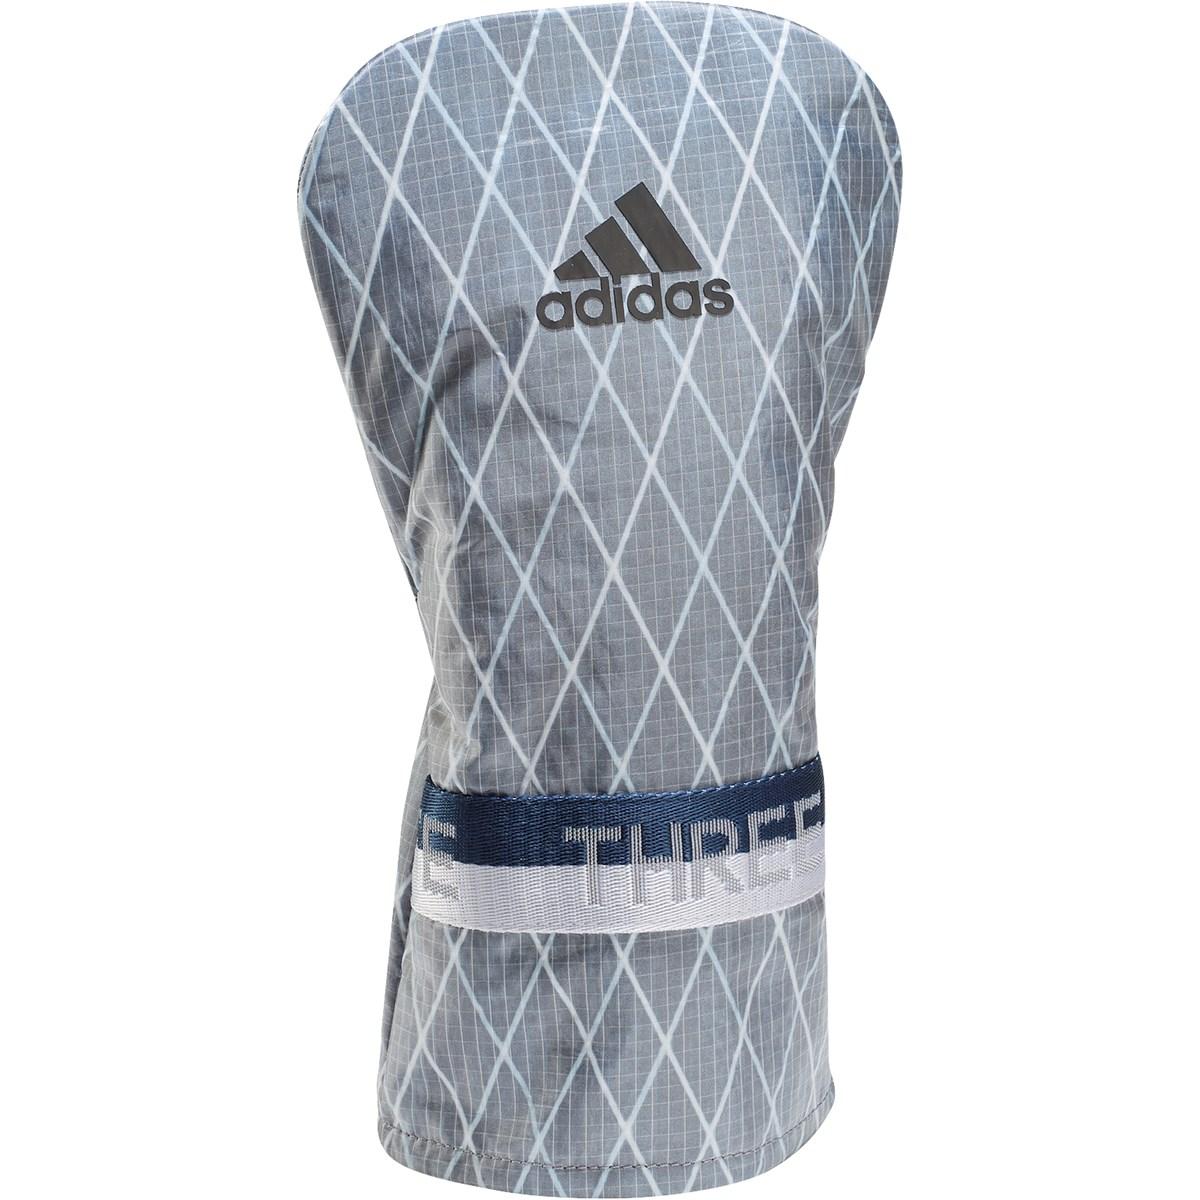 [2021年モデル] アディダス adidas ヘッドカバー DR用 ホワイト メンズ ゴルフ